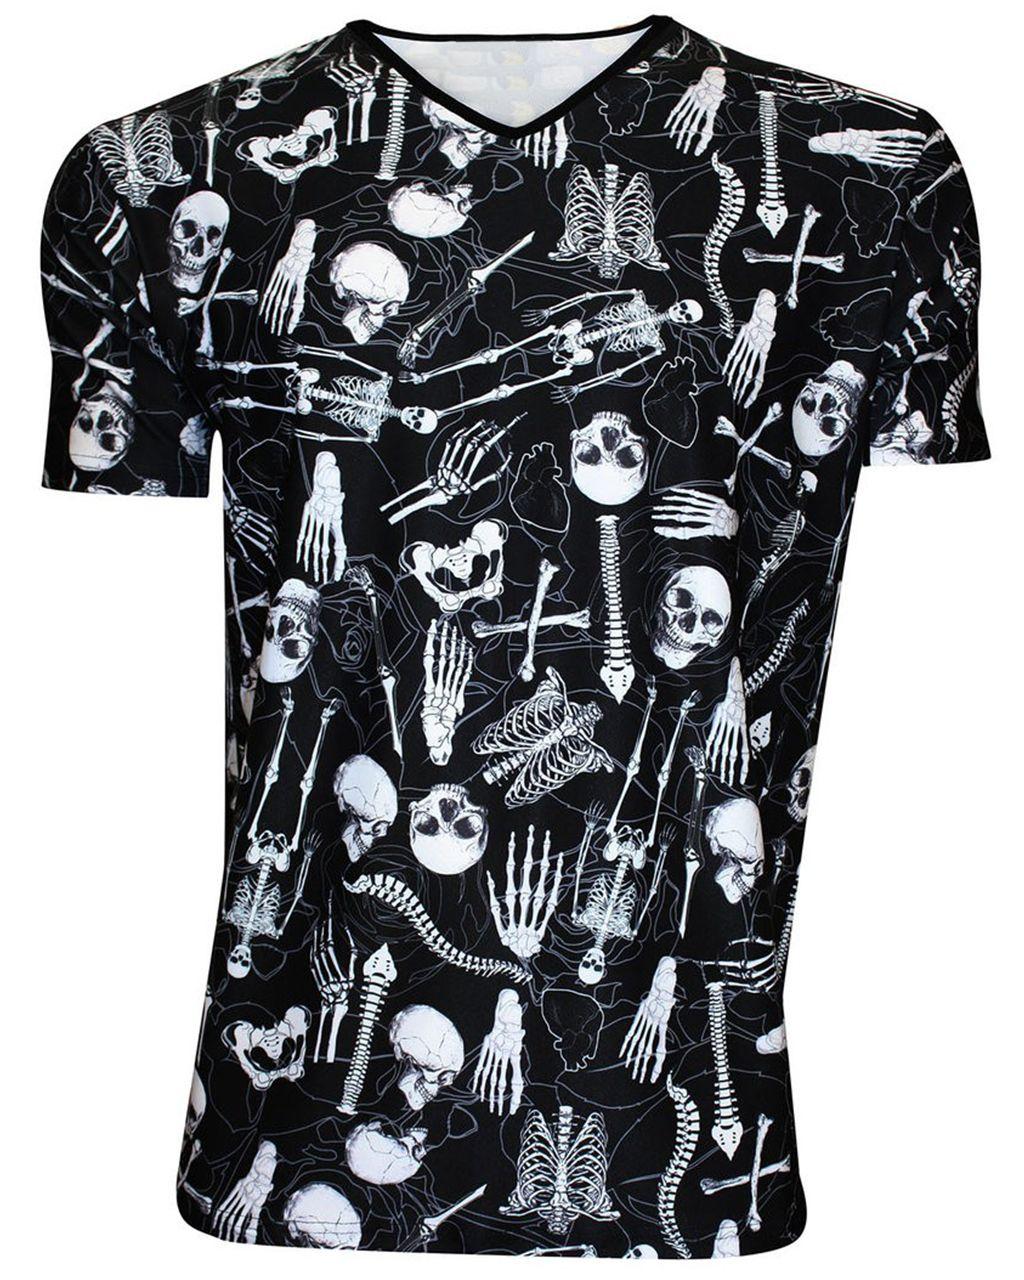 Men's Gothic Skeletons Skulls Bones Ribcage Heart Print V-Neck TShirt Tee